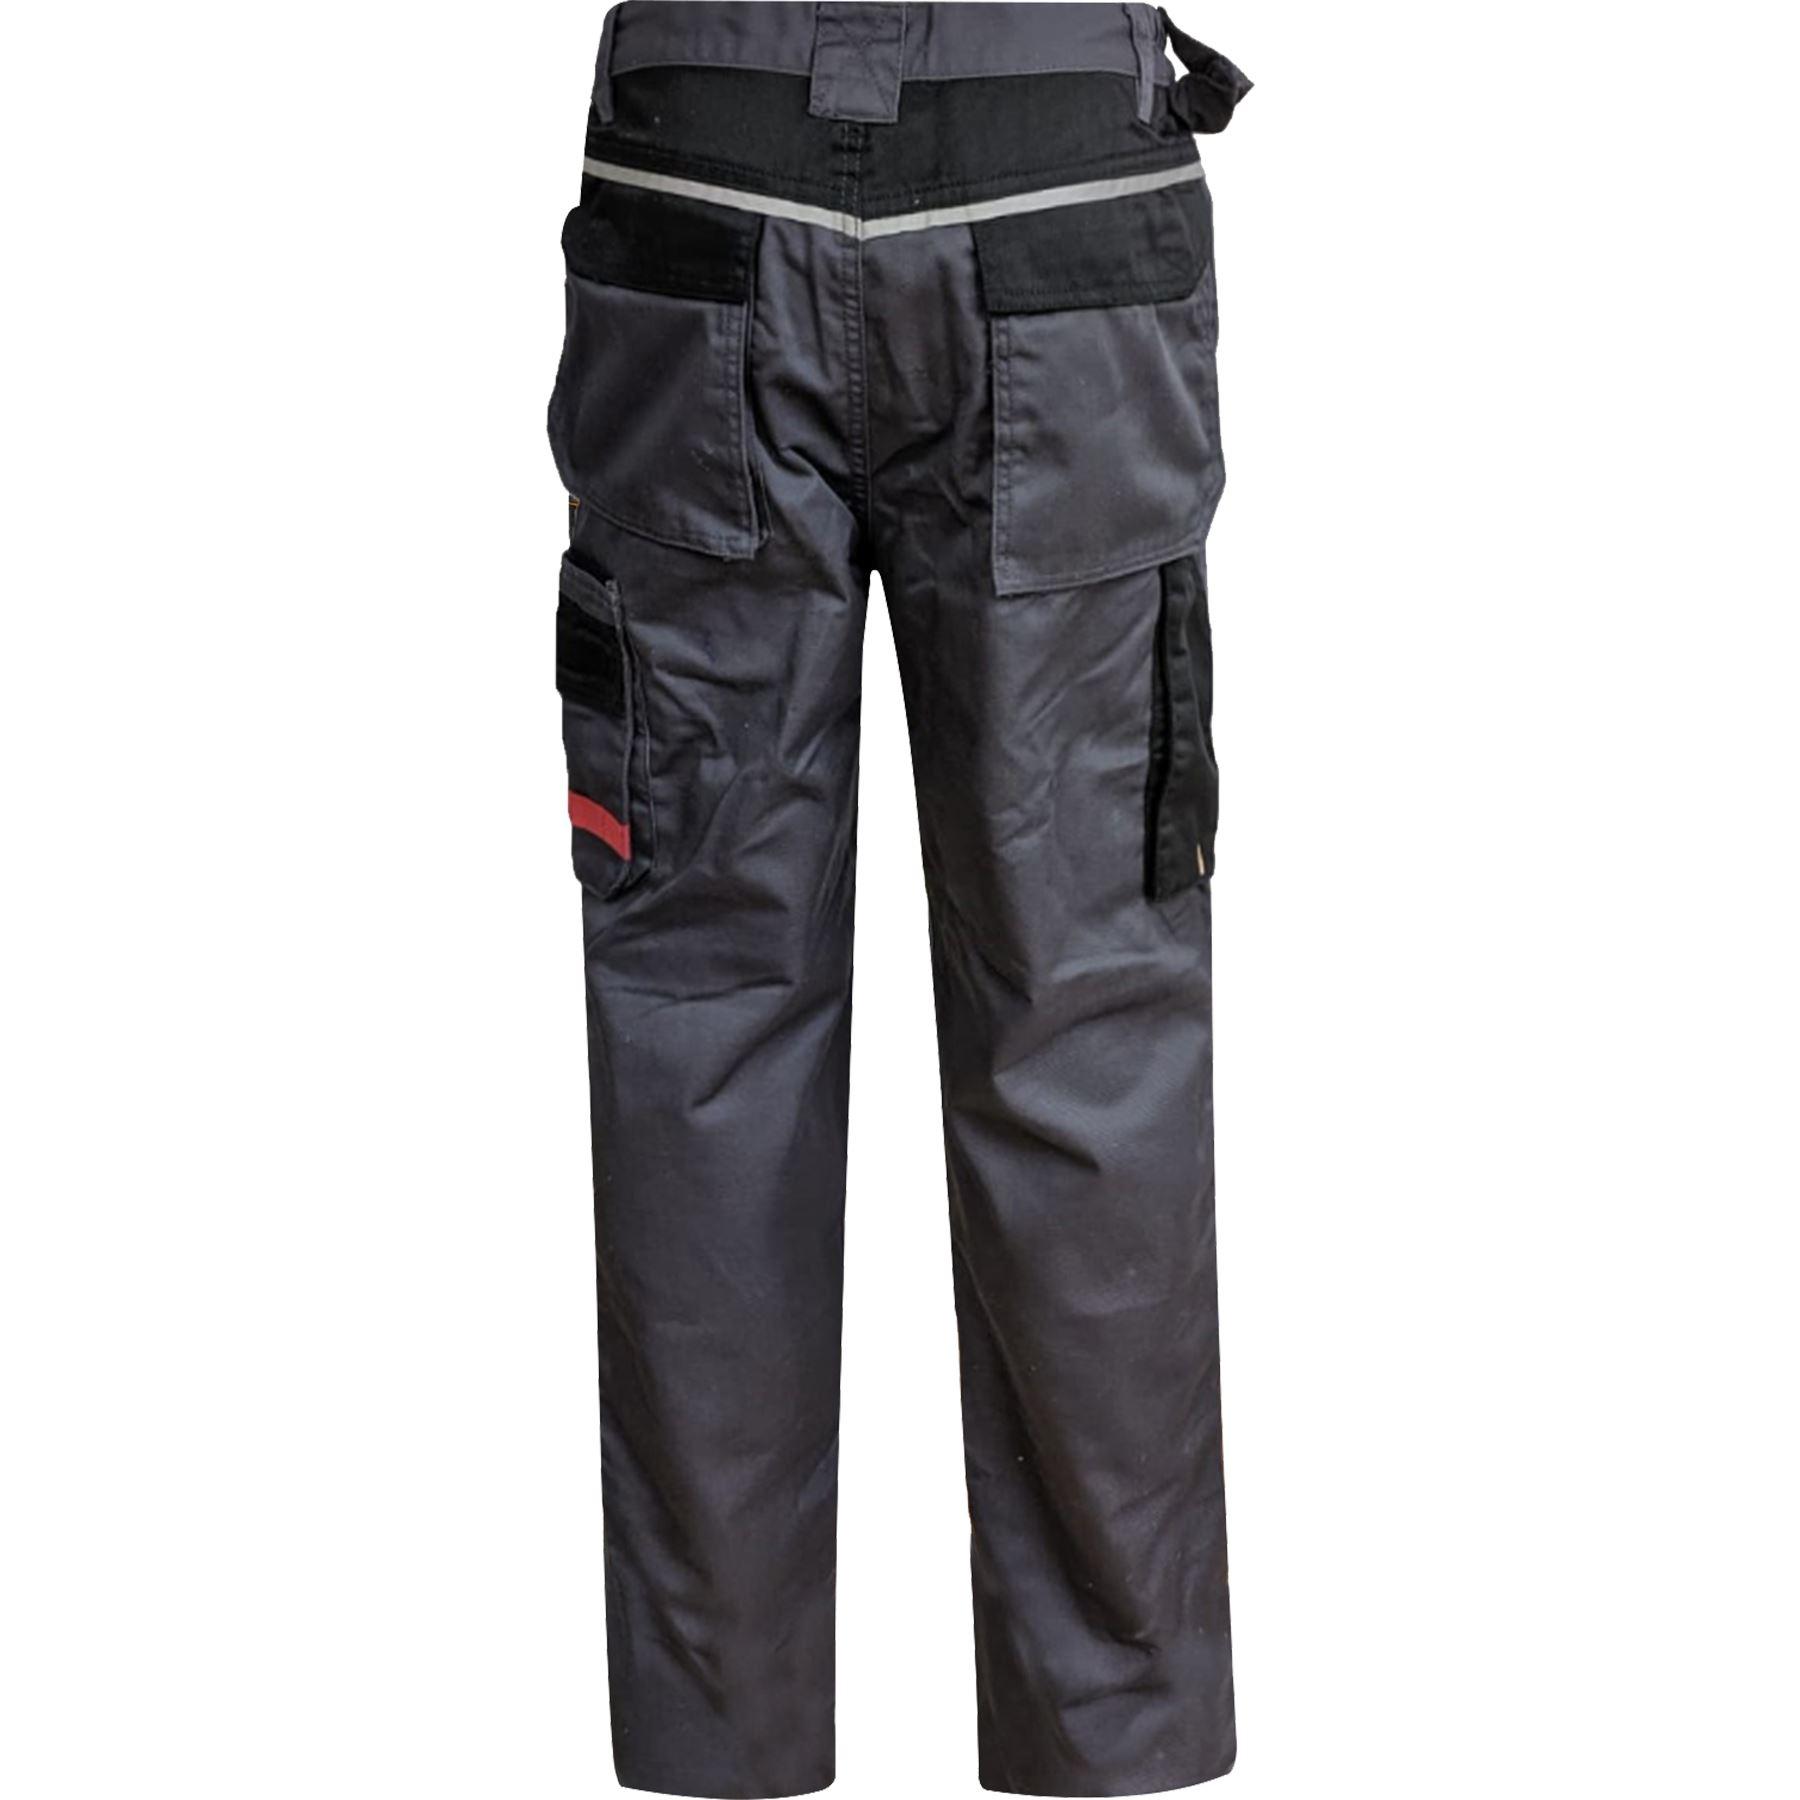 Para-Hombre-Elastico-Cargo-Pantalones-De-Trabajo-Cordura-Resistente-Rodilleras-Bolsillos-Hi-Vis miniatura 10